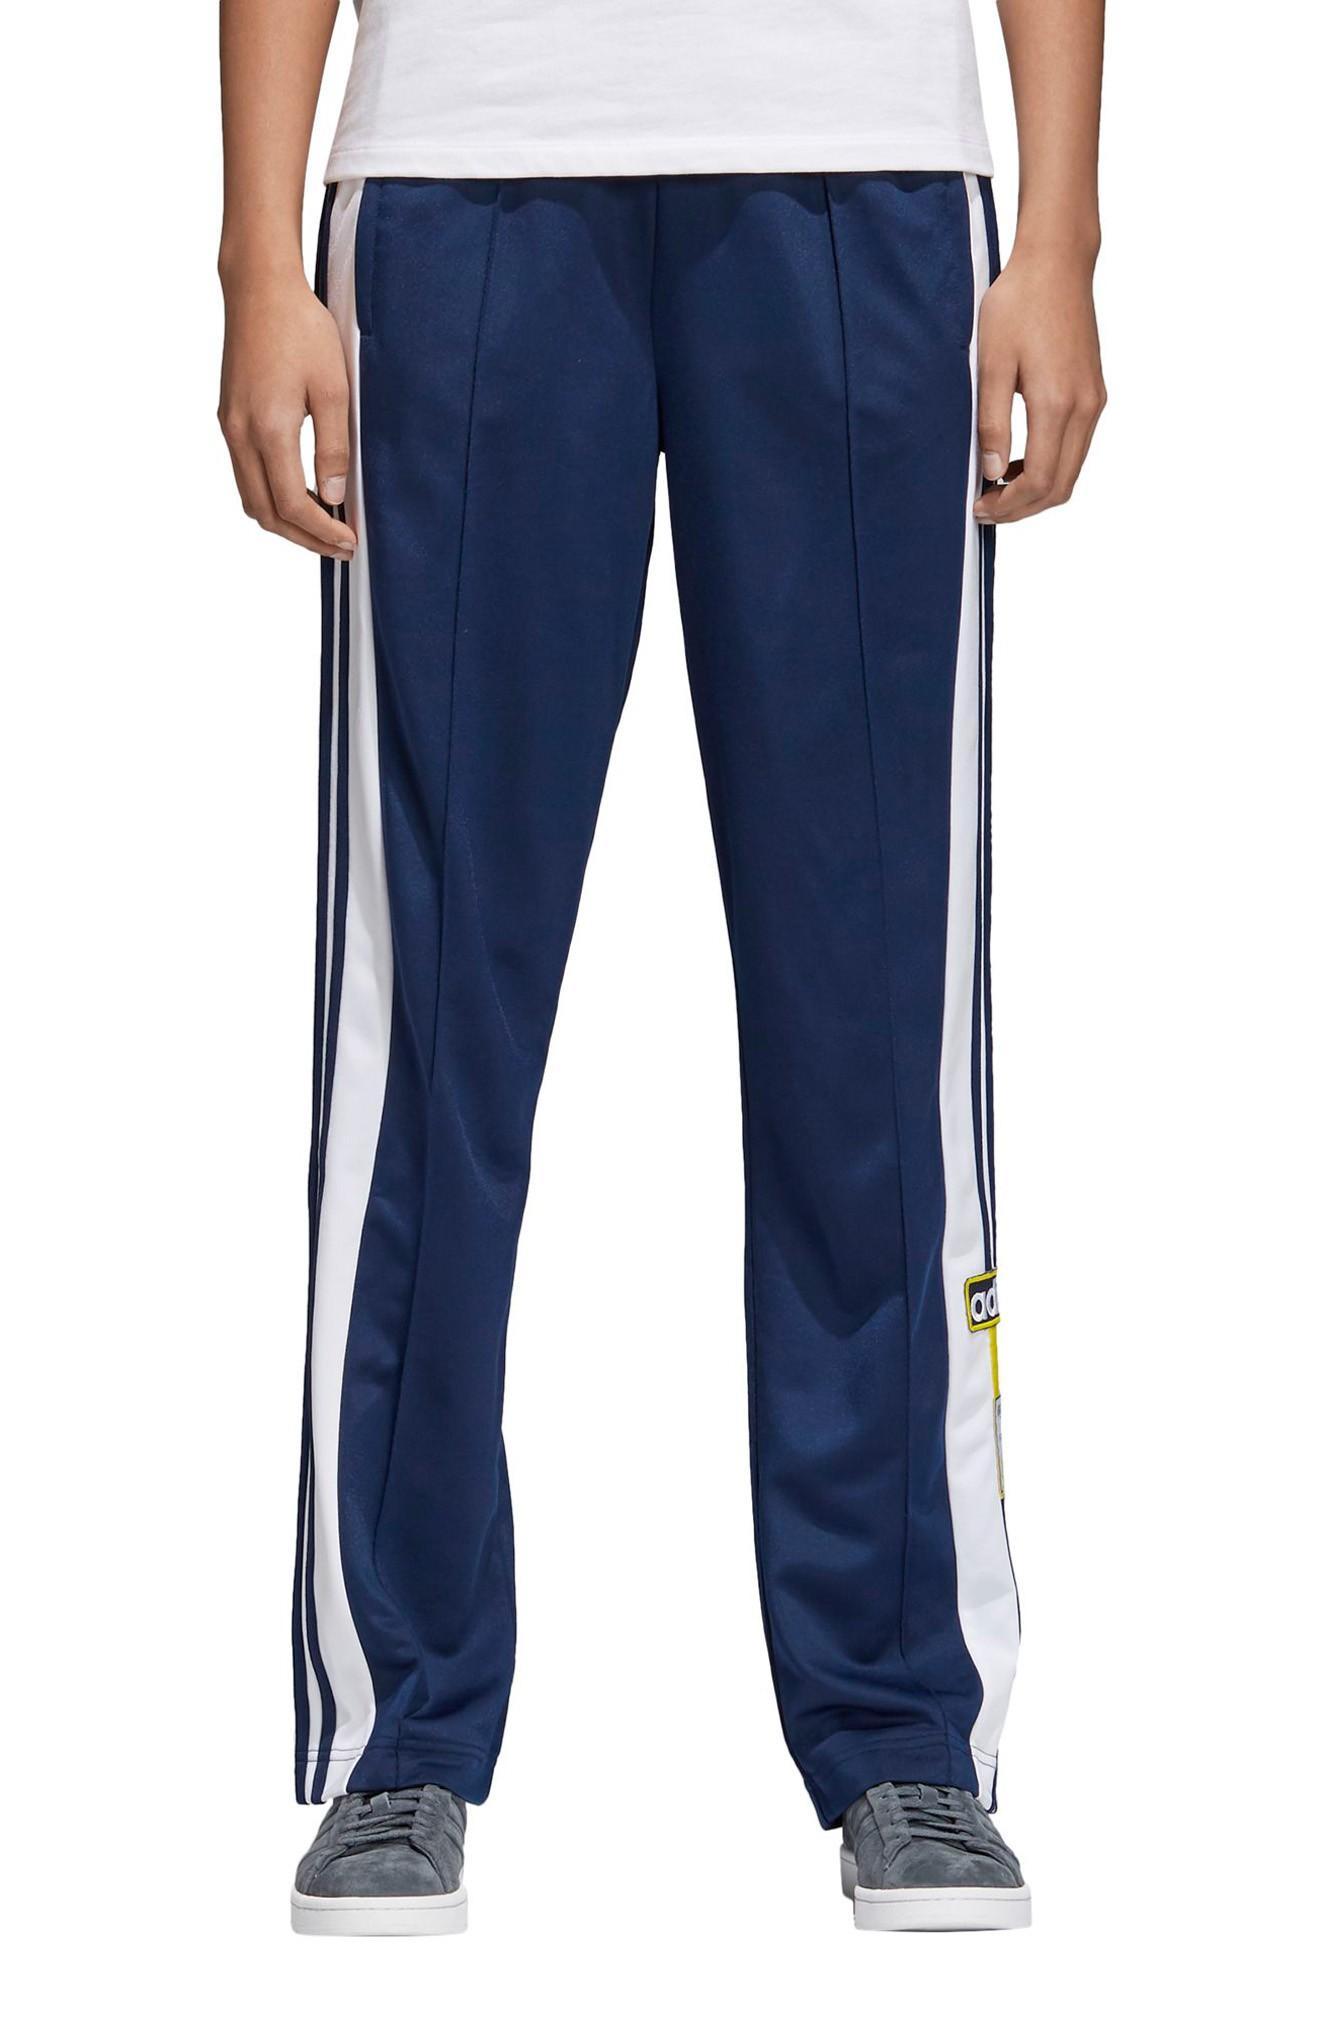 Adidas Originals Stripe Track Pants In Collegiate Navy / White